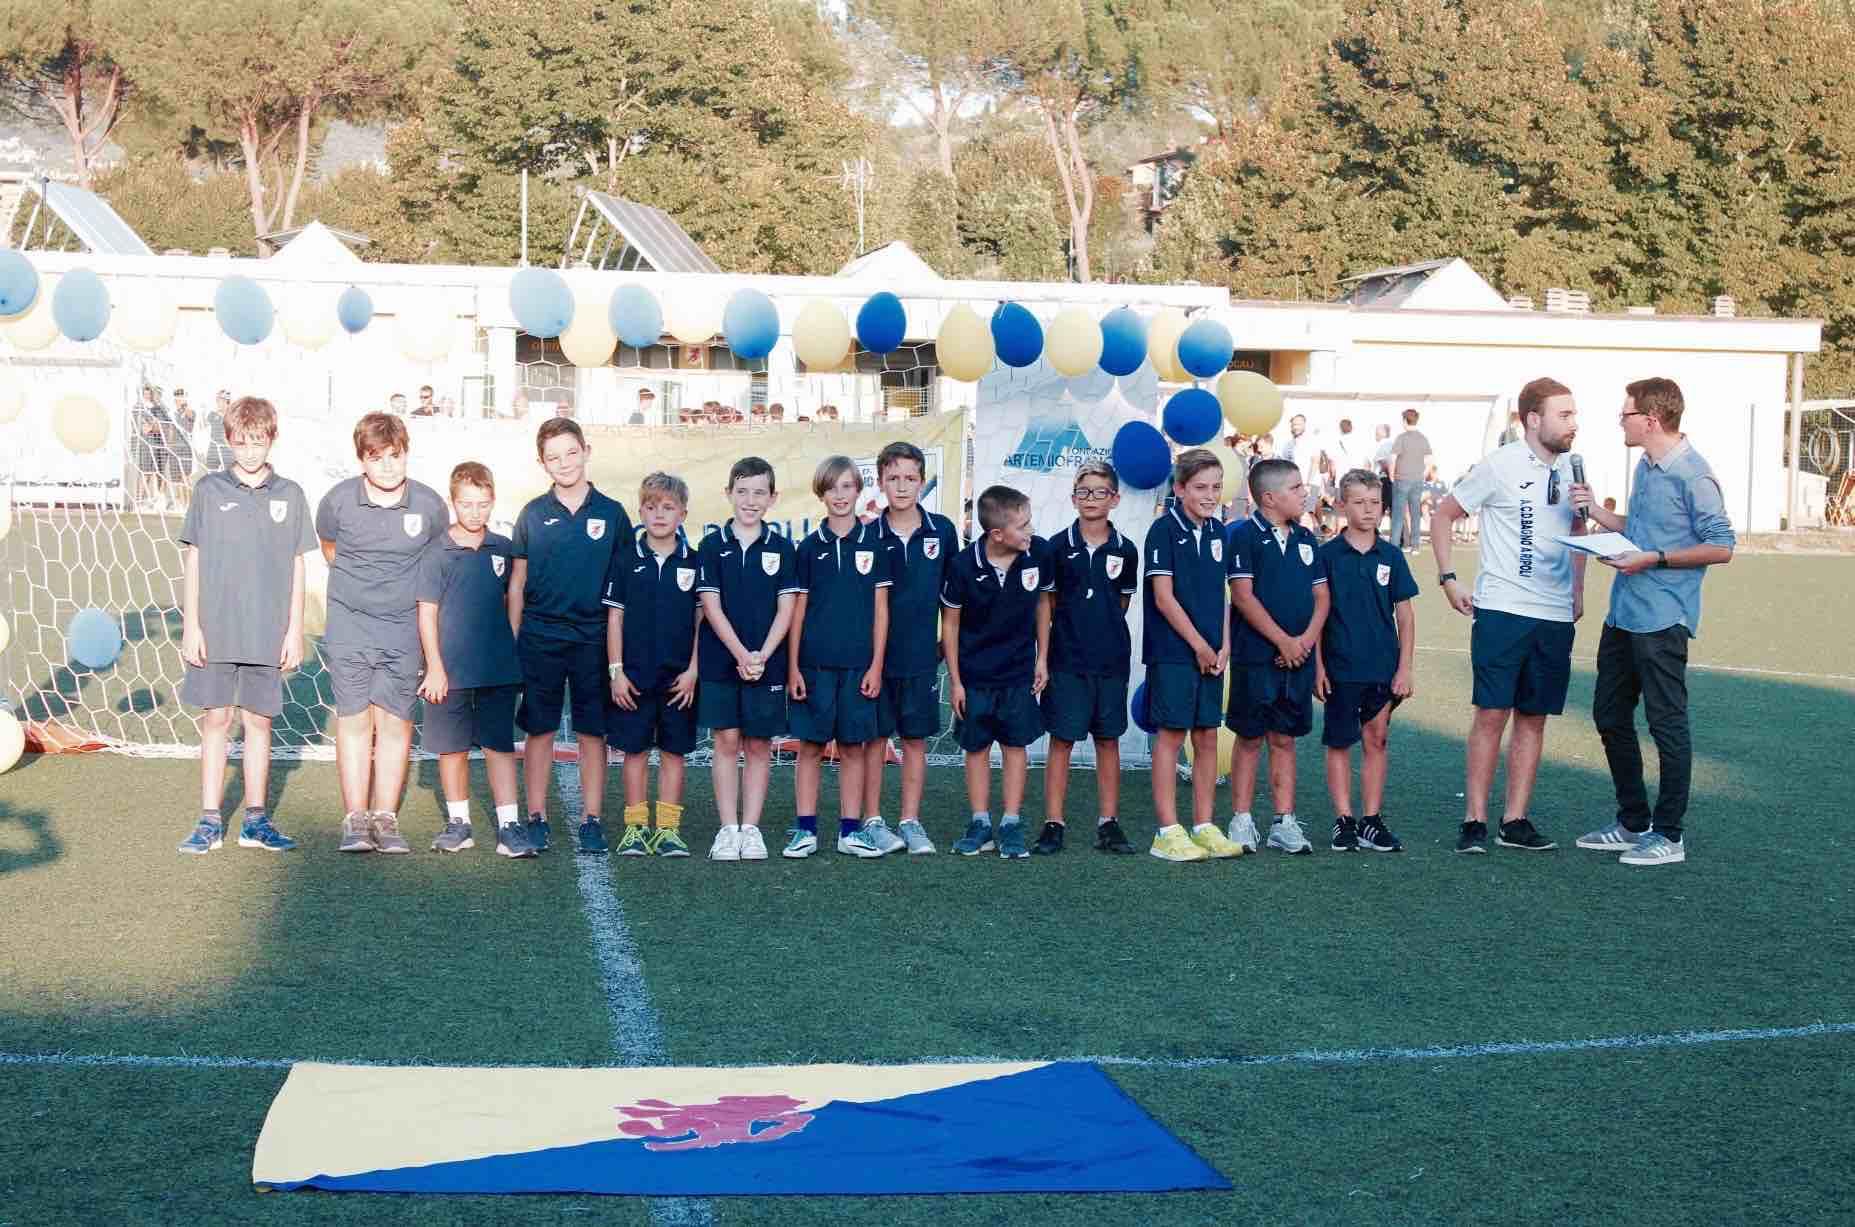 Bagno a ripoli presentate tutte le squadre della scuola - Bagno a ripoli calcio ...